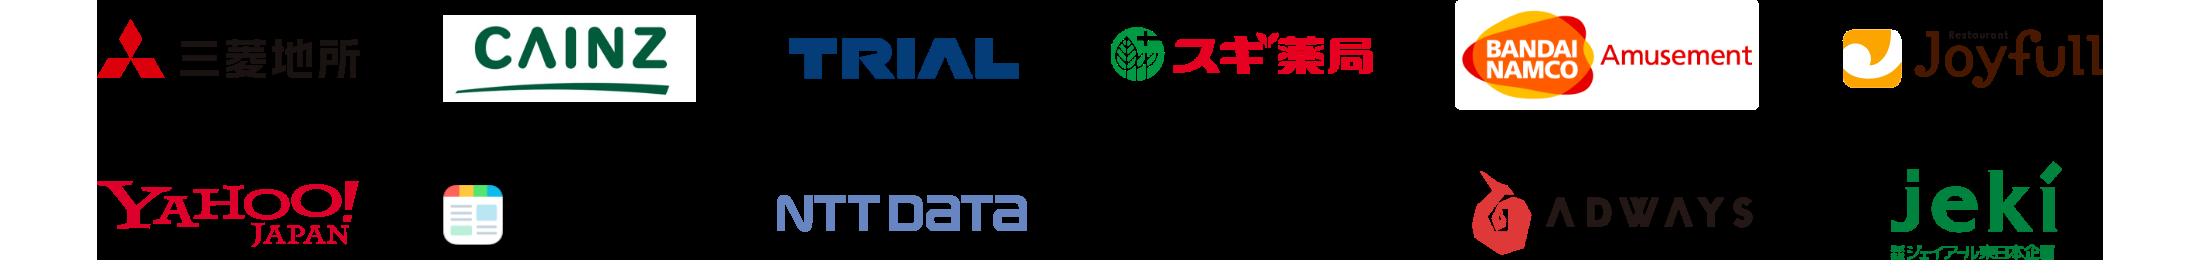 logo_pc_0705